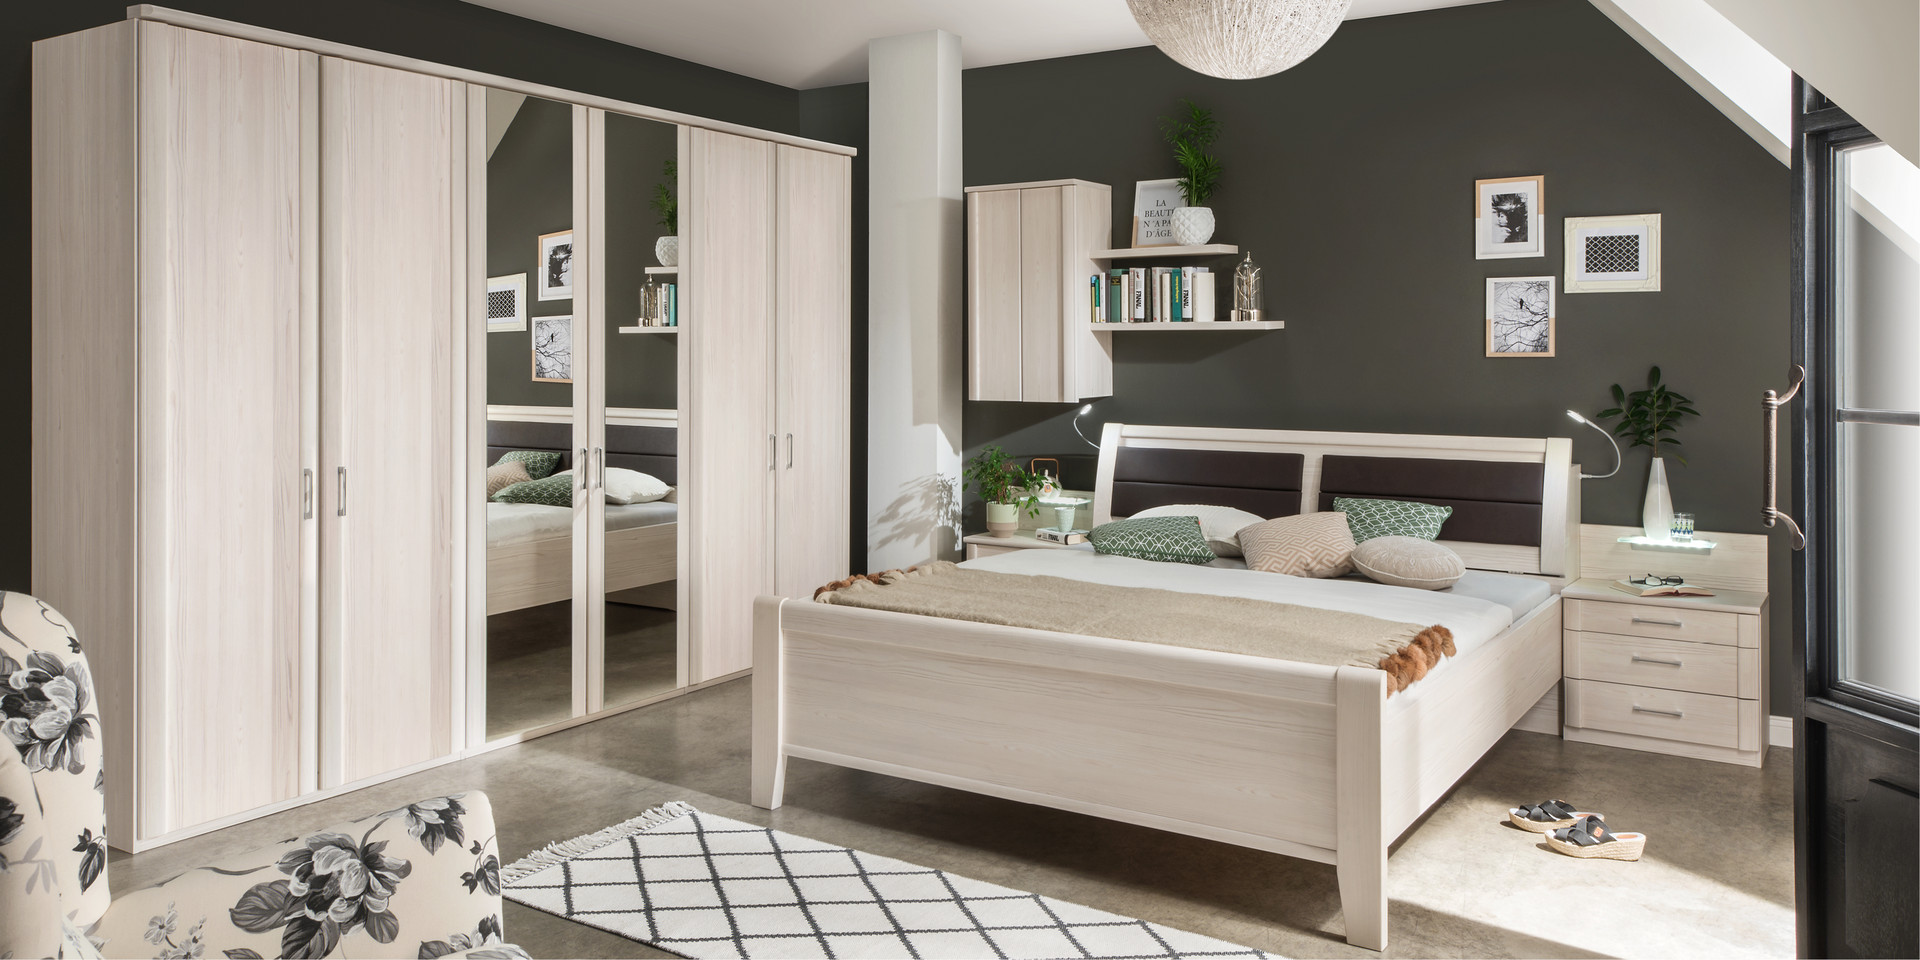 Full Size of Wiemann Schlafzimmer Erleben Sie Das Luxor 3 4 Mbelhersteller Stuhl Kommode Komplett Weiß Deckenleuchte Modern Gardinen Für Teppich Regal Tapeten Luxus Schlafzimmer Wiemann Schlafzimmer